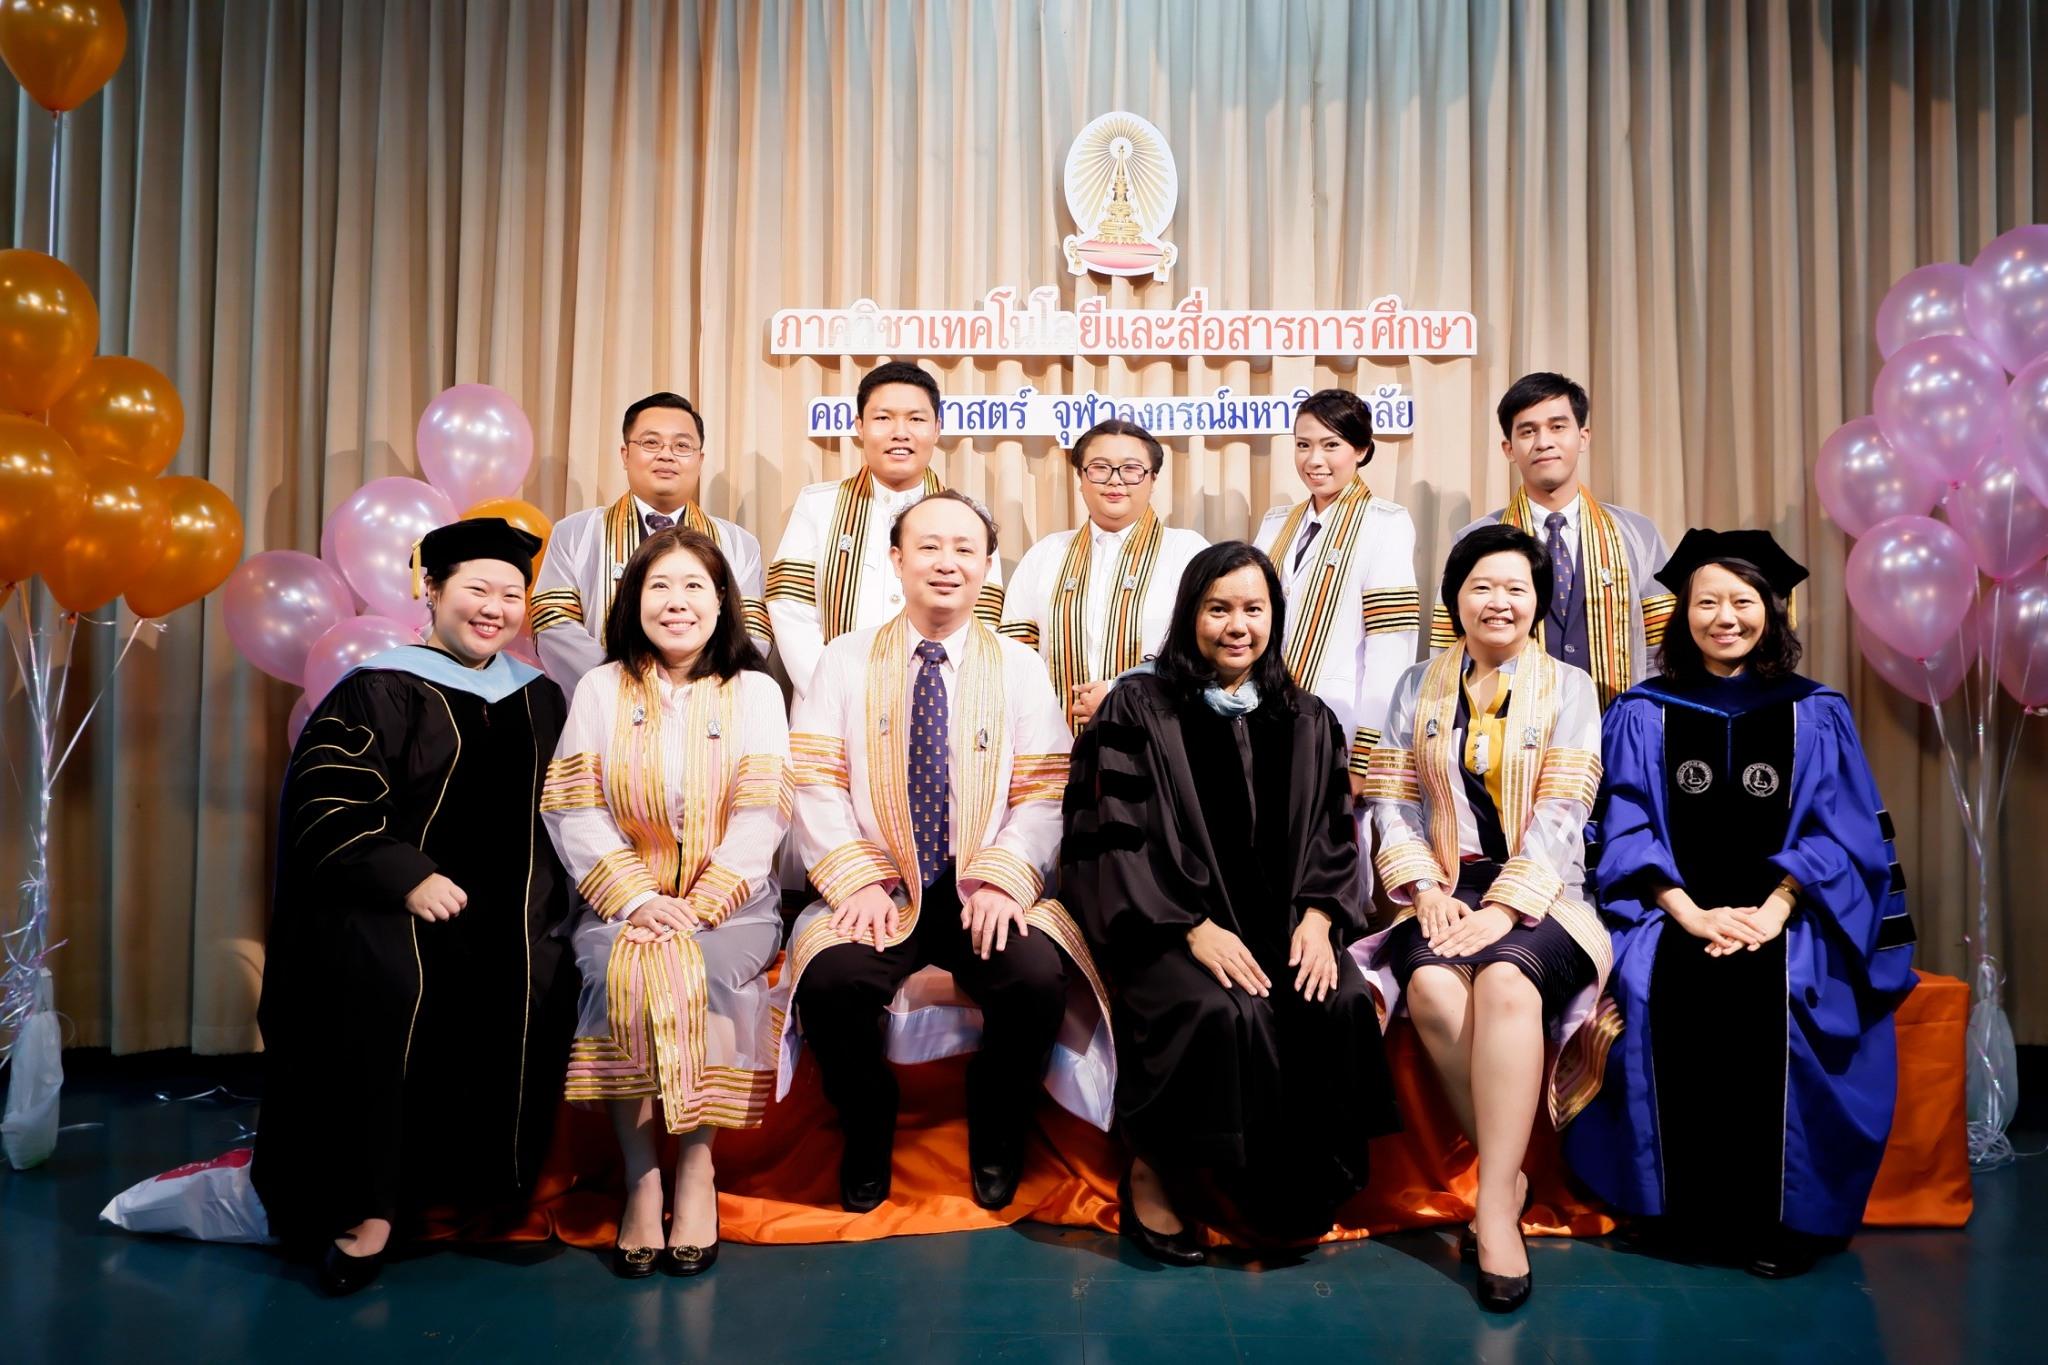 แสดงความยินดี นิสิตระดับปริญญาบัณฑิต ปริญญามหาบัณฑิต และปริญญาดุษฎีบัณฑิต รับพระราชทานปริญญาบัตร